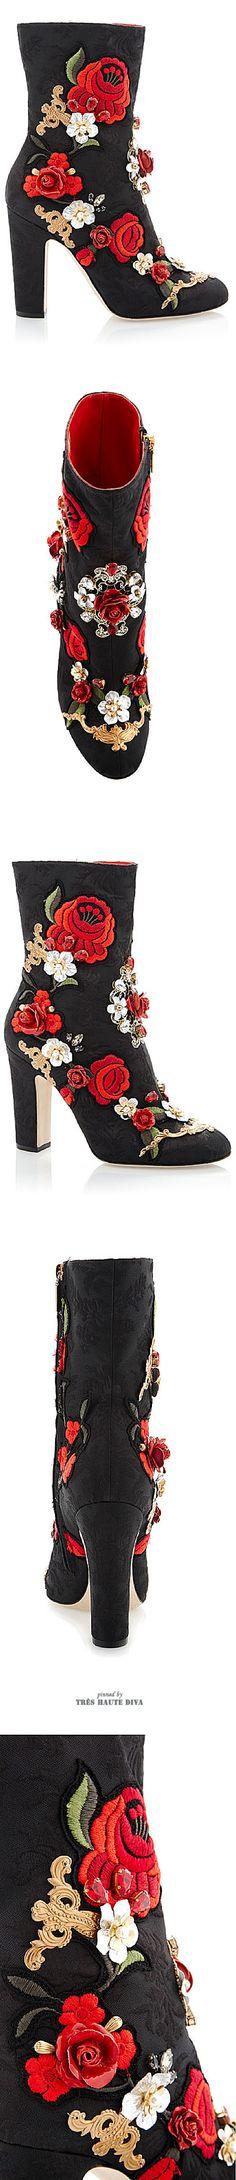 Dolce & Gabbana Bull